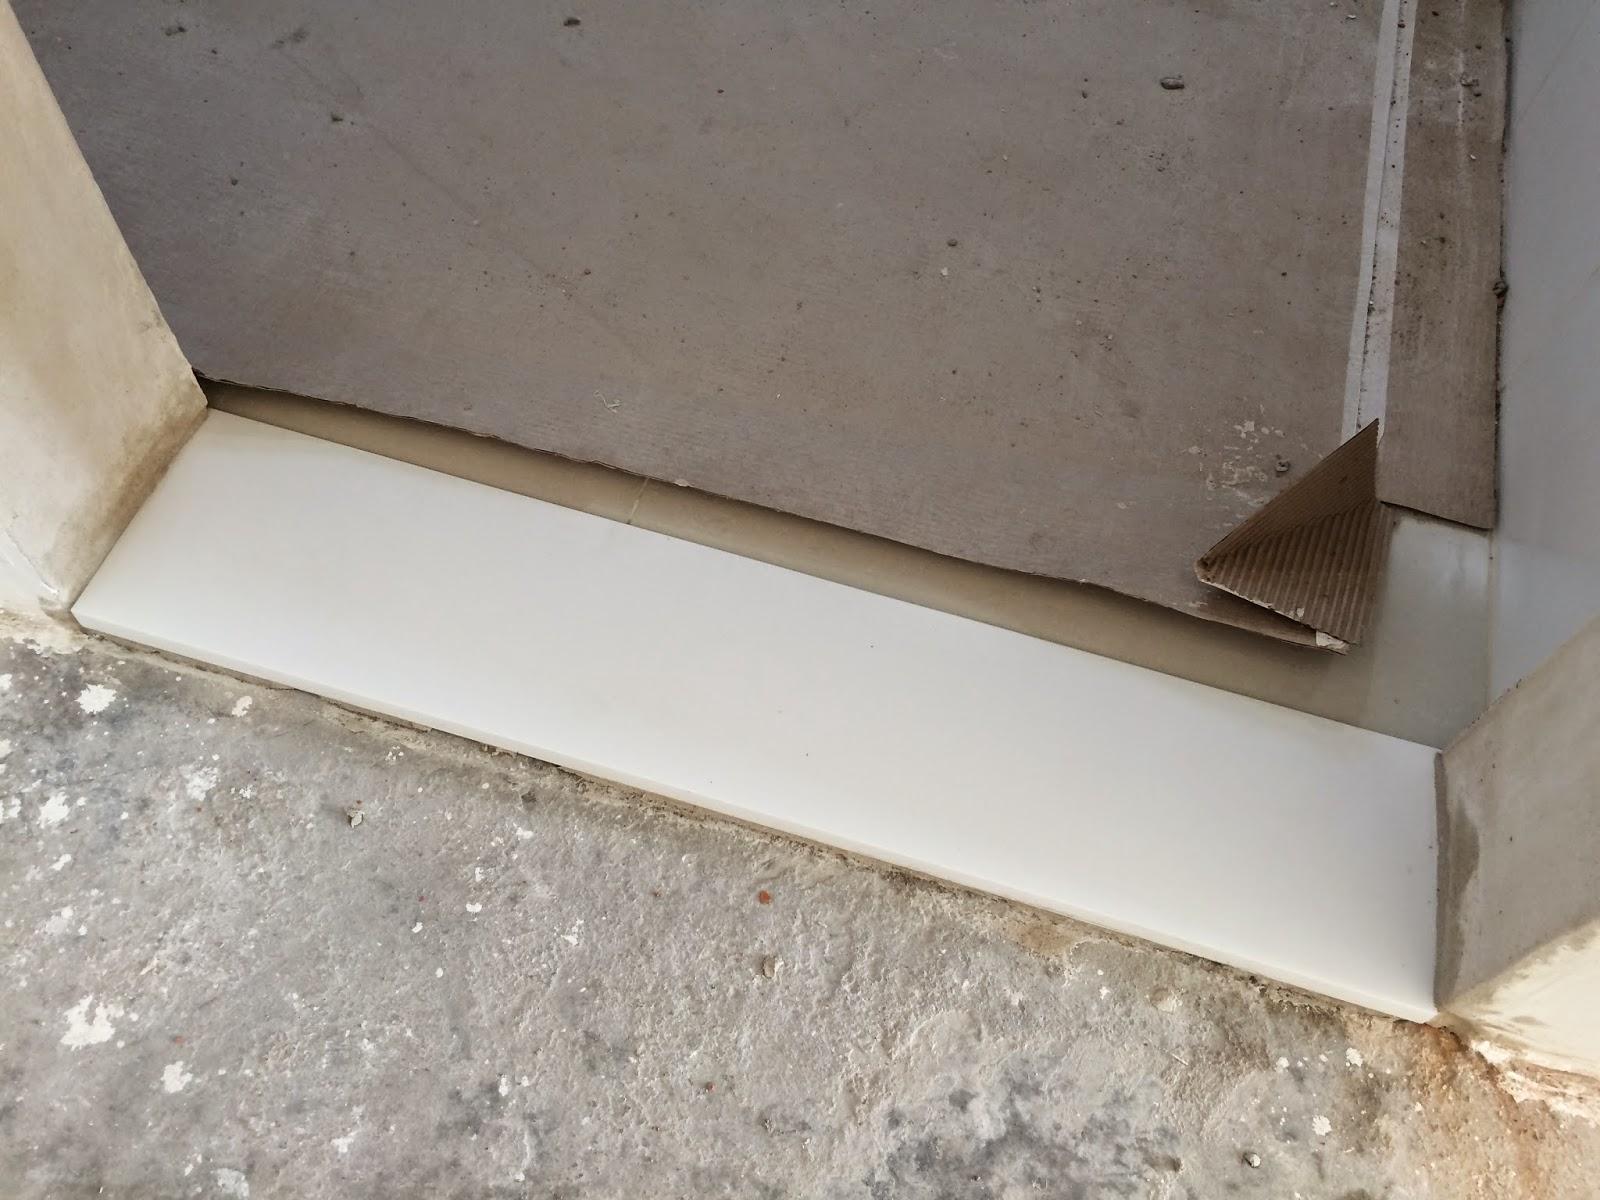 com a pia a soleira de entrada da cozinha também é em Quartzo Branco #413327 1600 1200